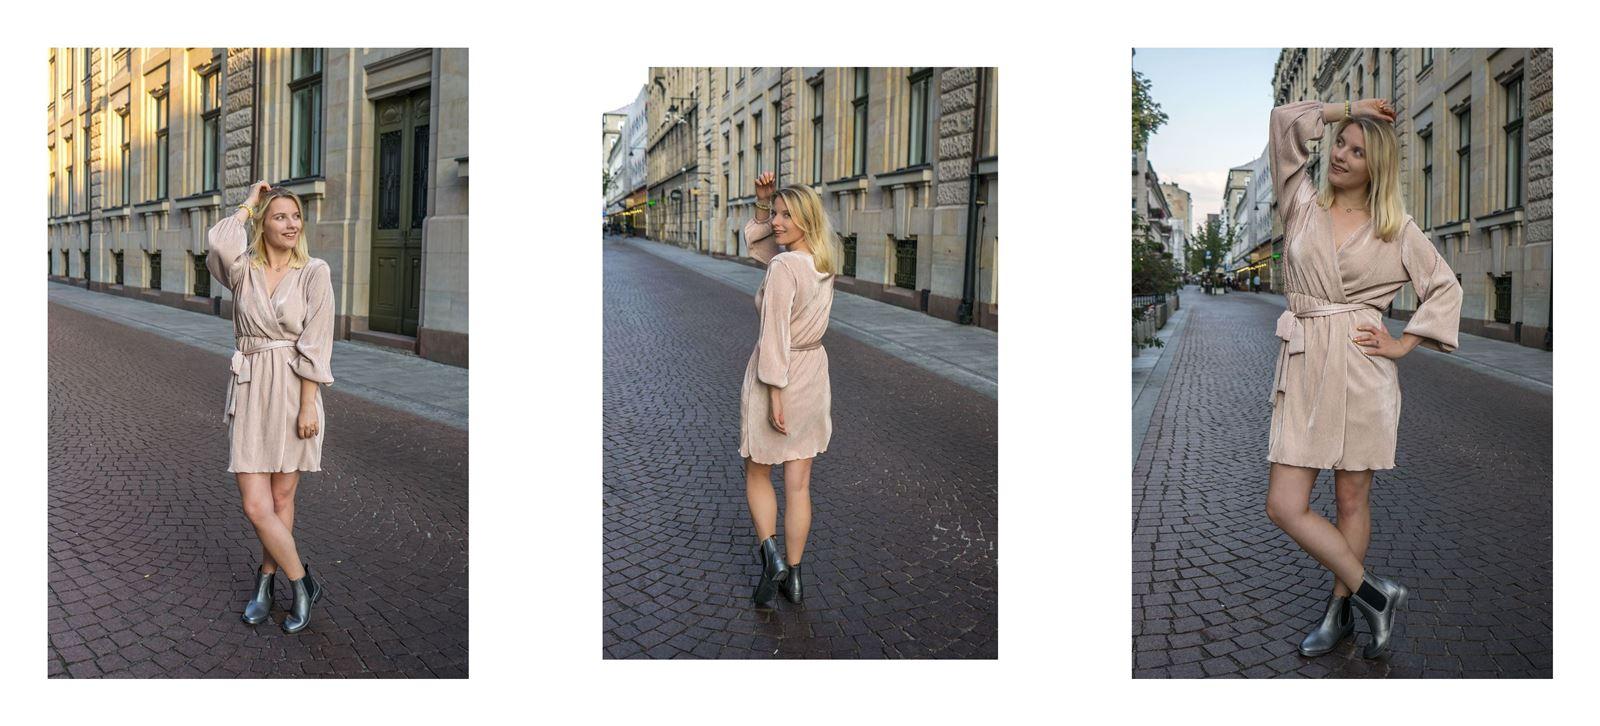 stylizacje idealne na jesień, kobiece stylizacje, sukienka, garnitur mosquito cena czy warto natalii siwiec